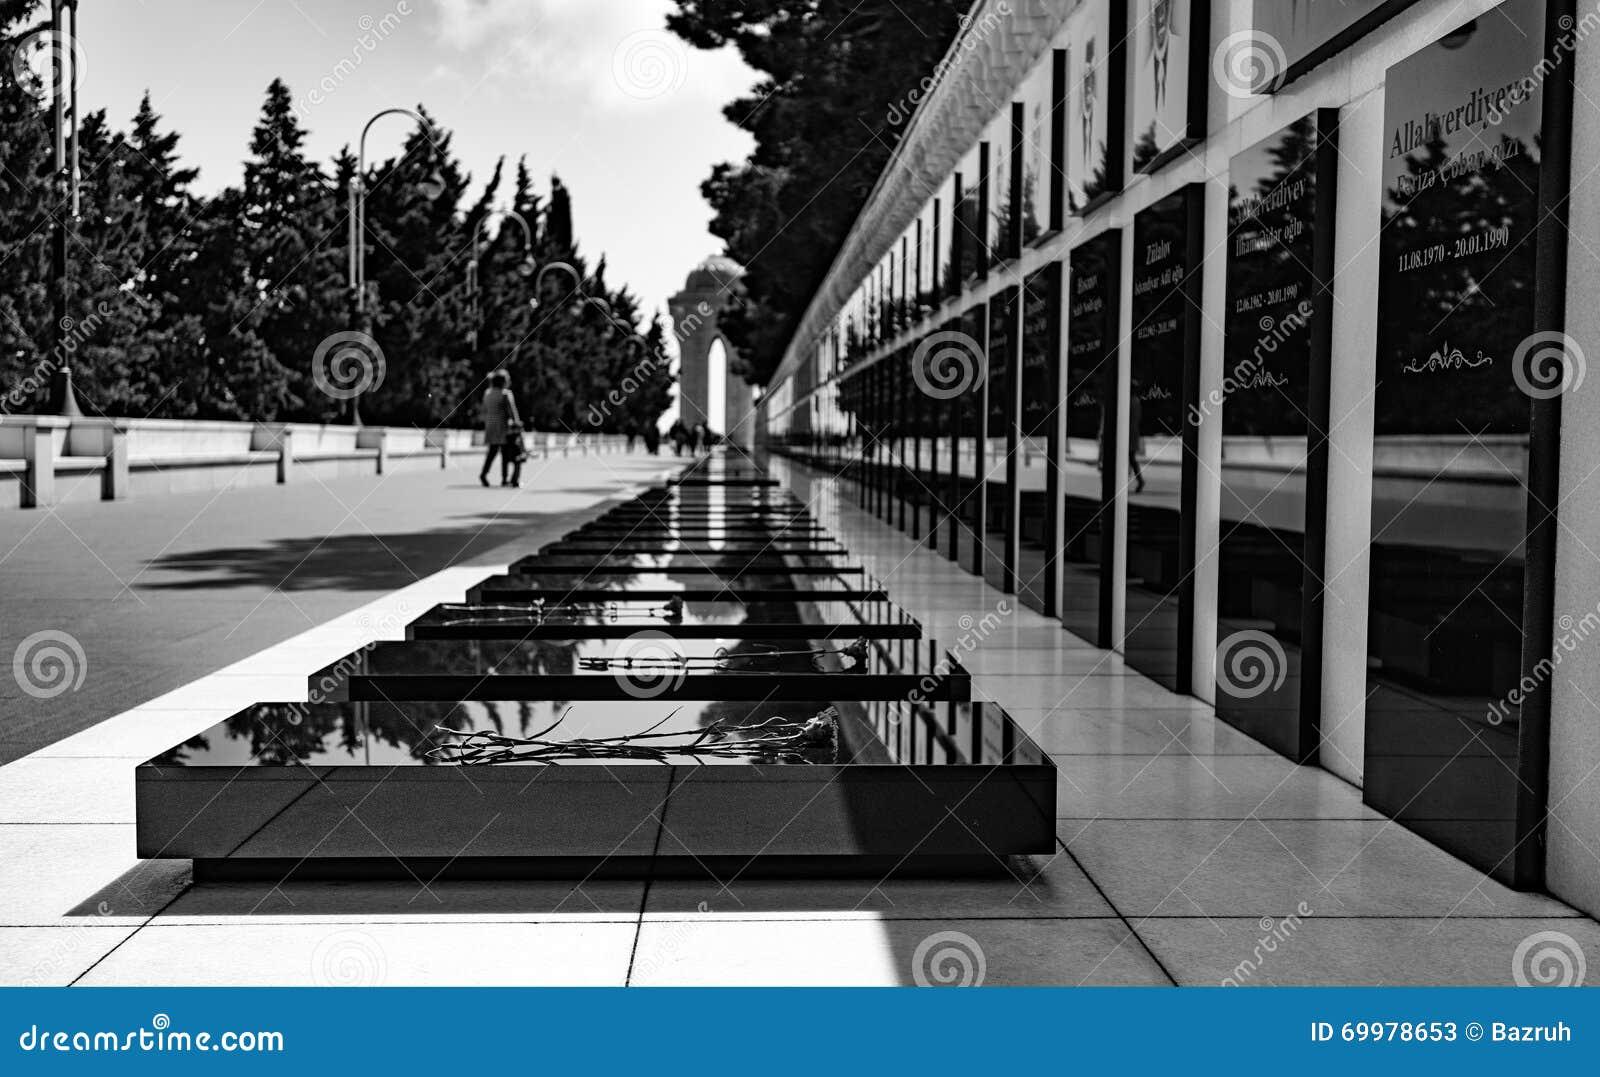 Dead Baku 89